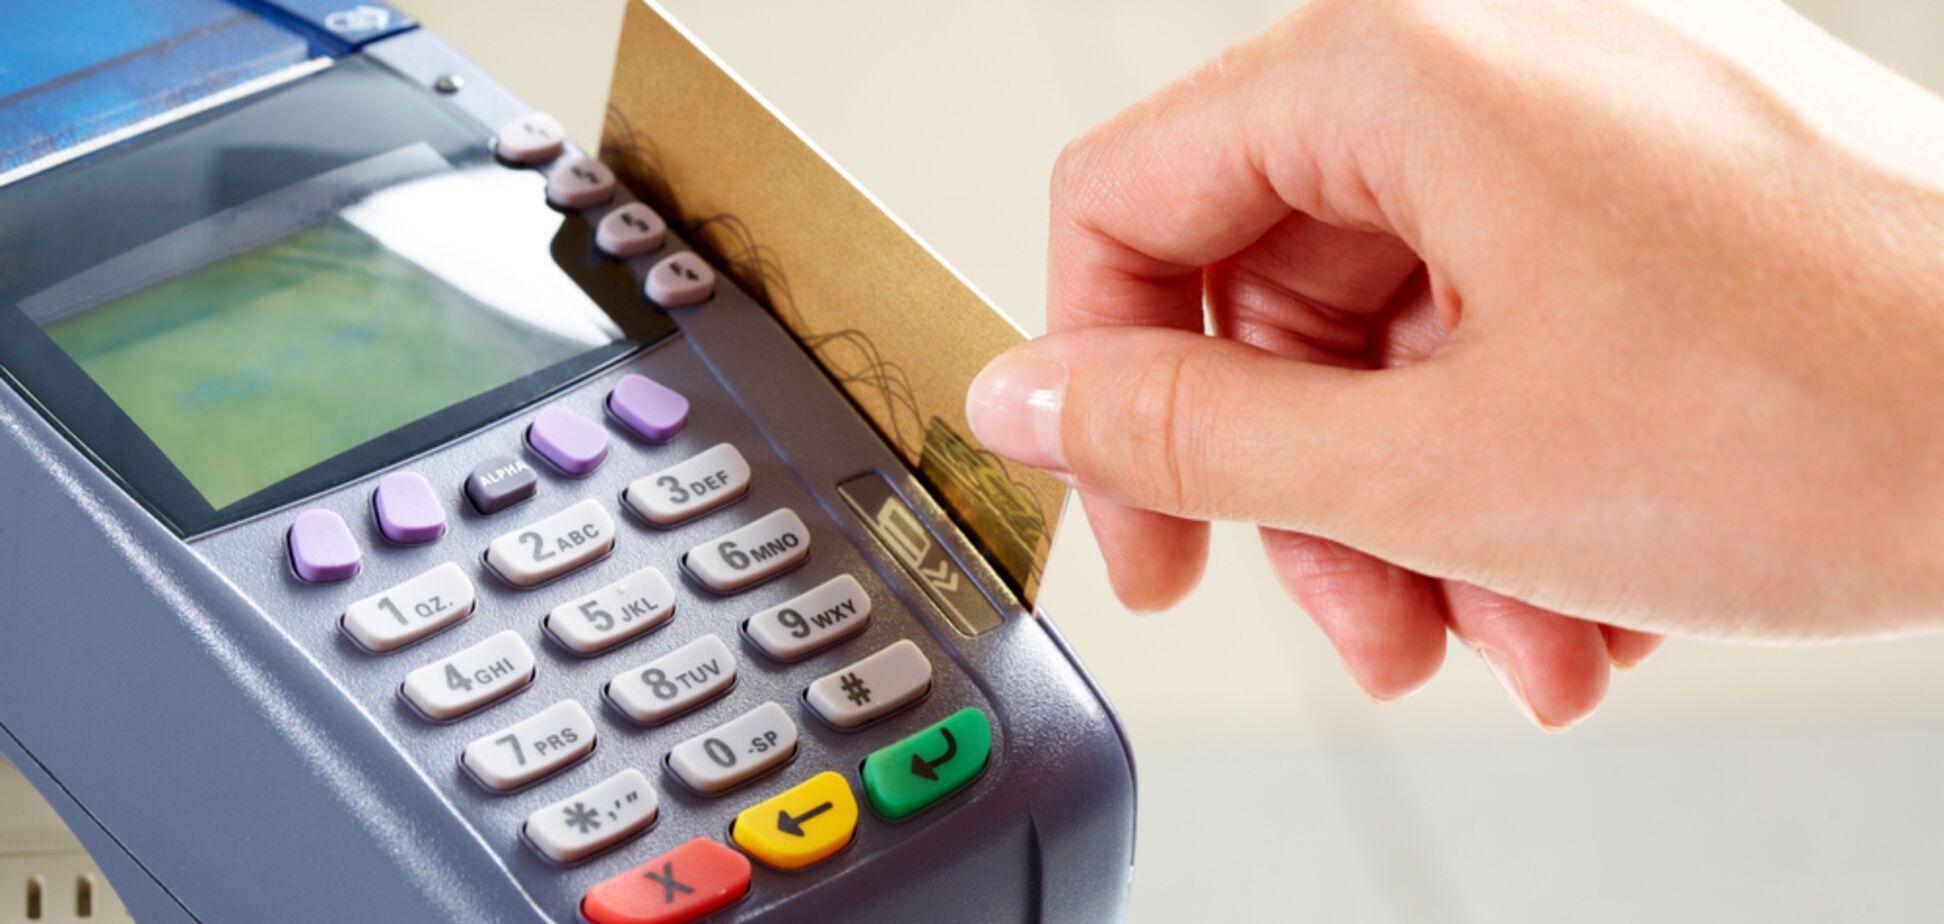 'Нет связи с банком': украинцев предупредили о новой афере при оплате картой